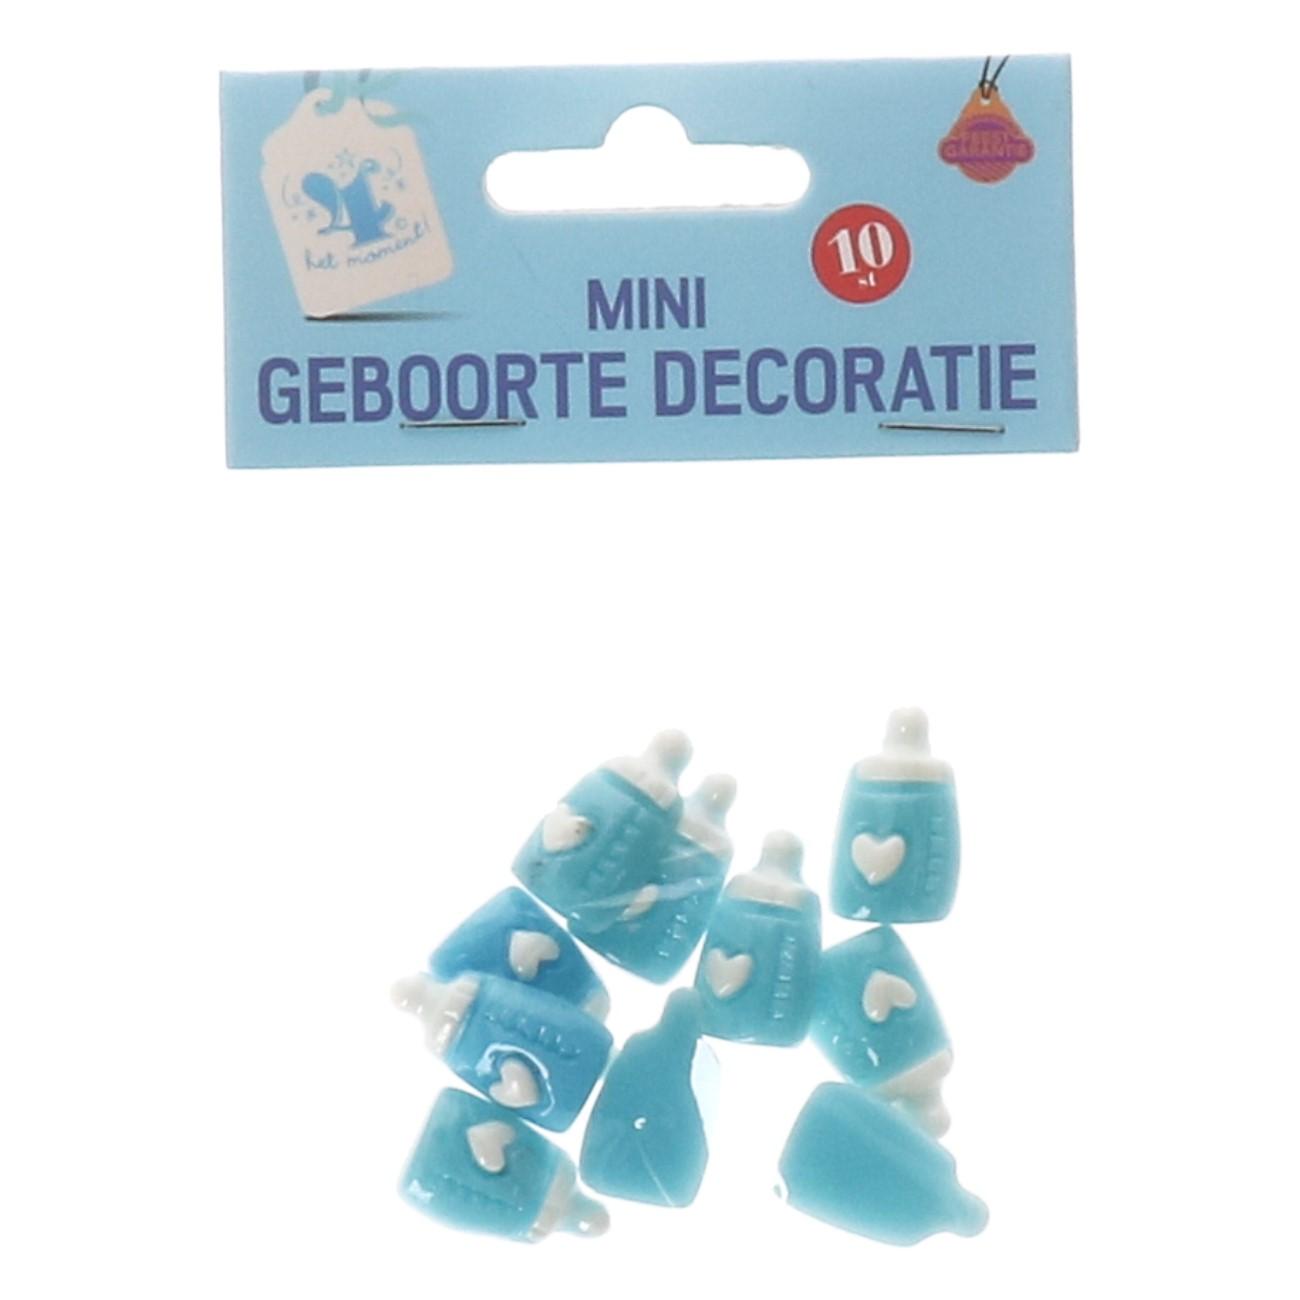 Mini geboorte decoratie blauw #696